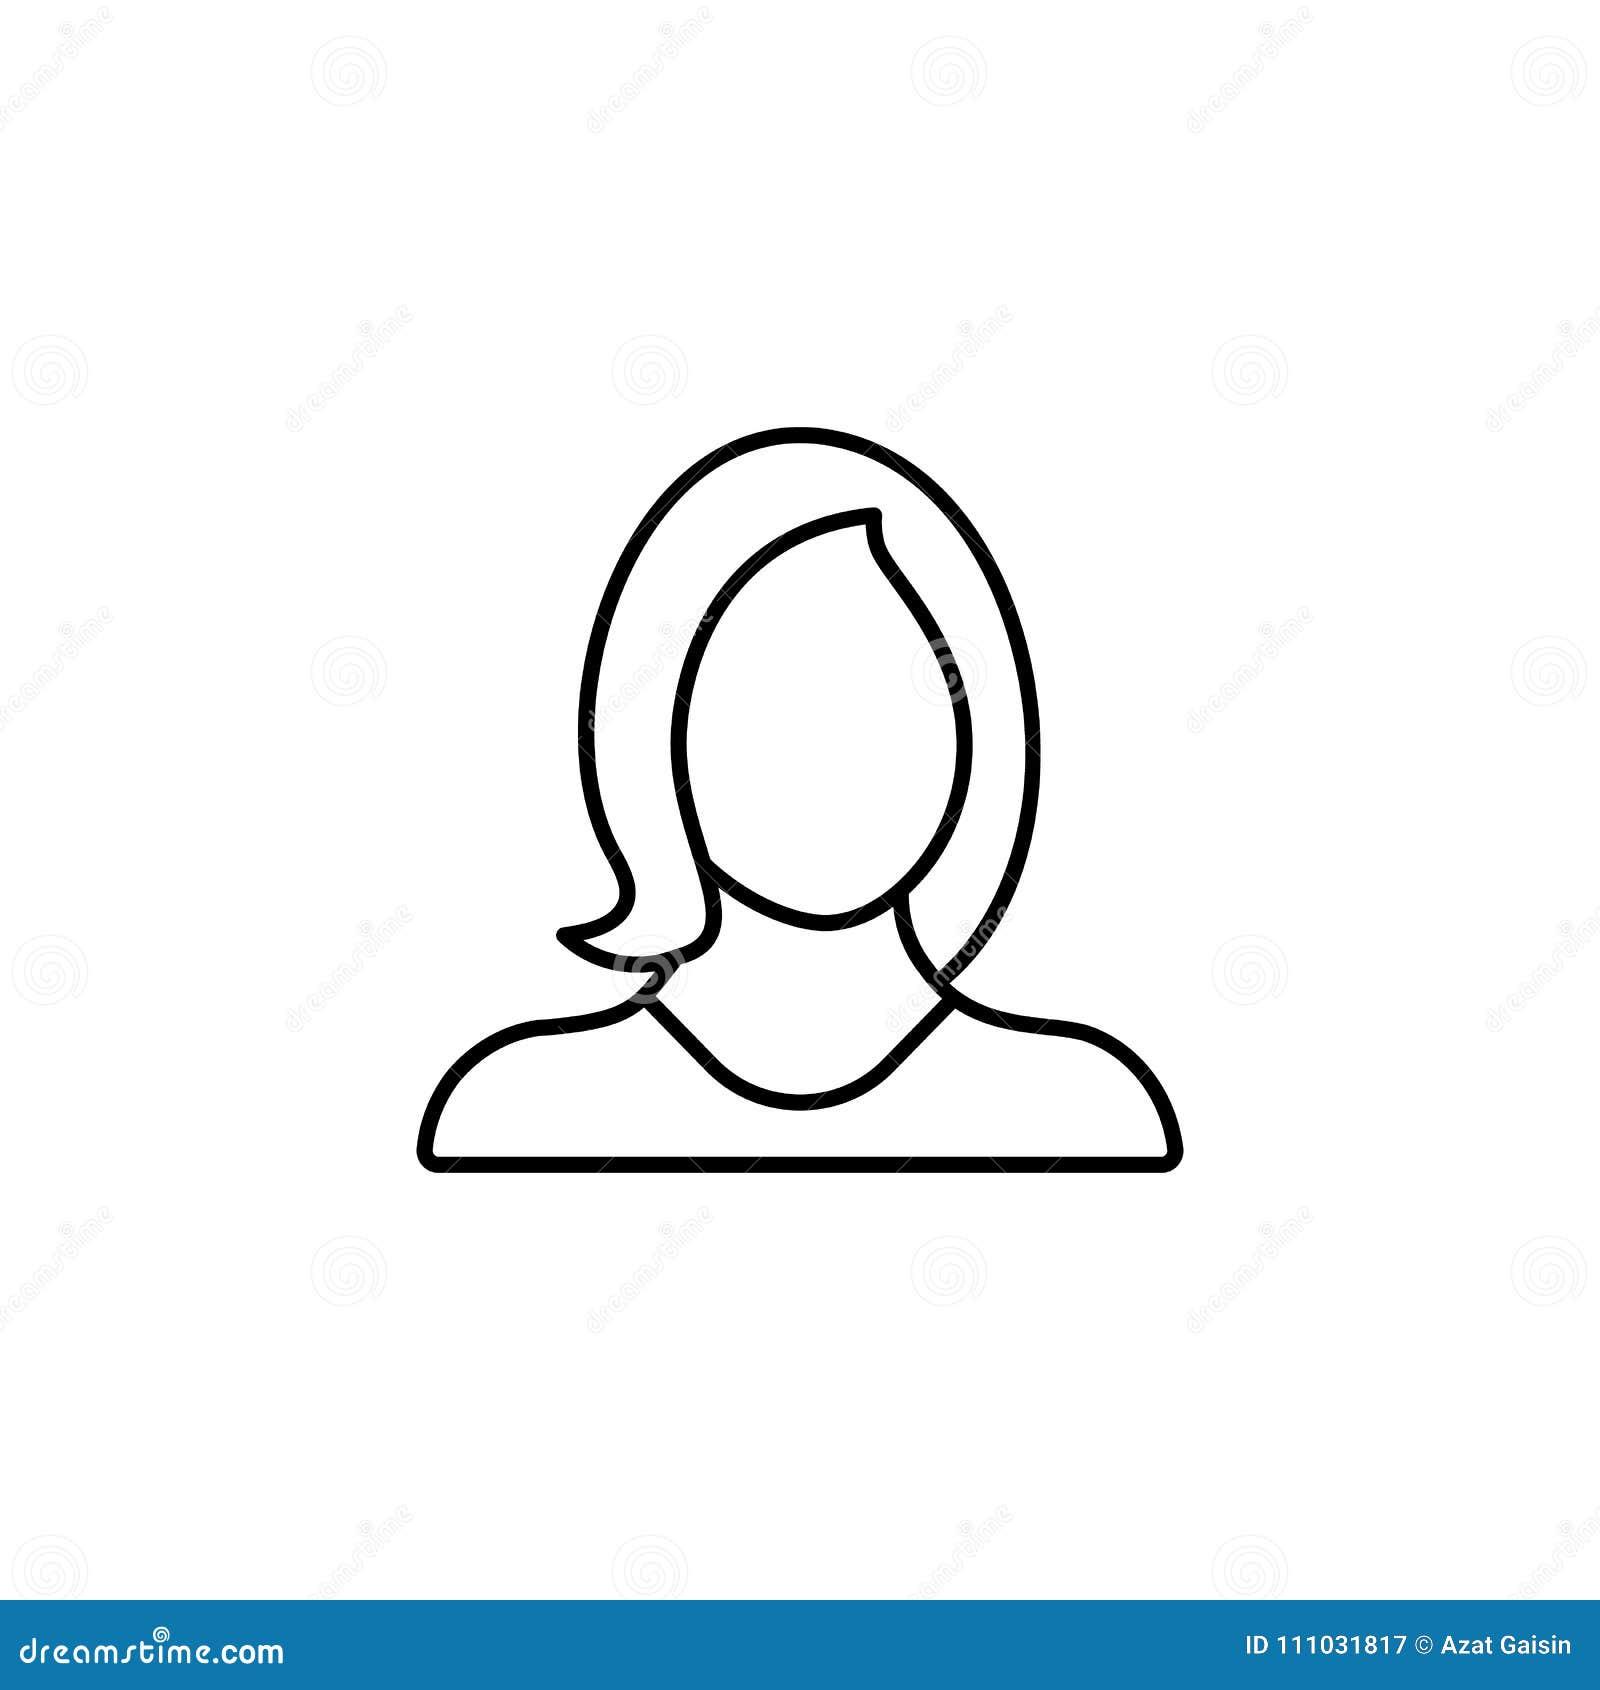 Απολογισμός, είδωλο, θηλυκό, κορίτσι, σχεδιάγραμμα, χρήστης, εικονίδιο γυναικών